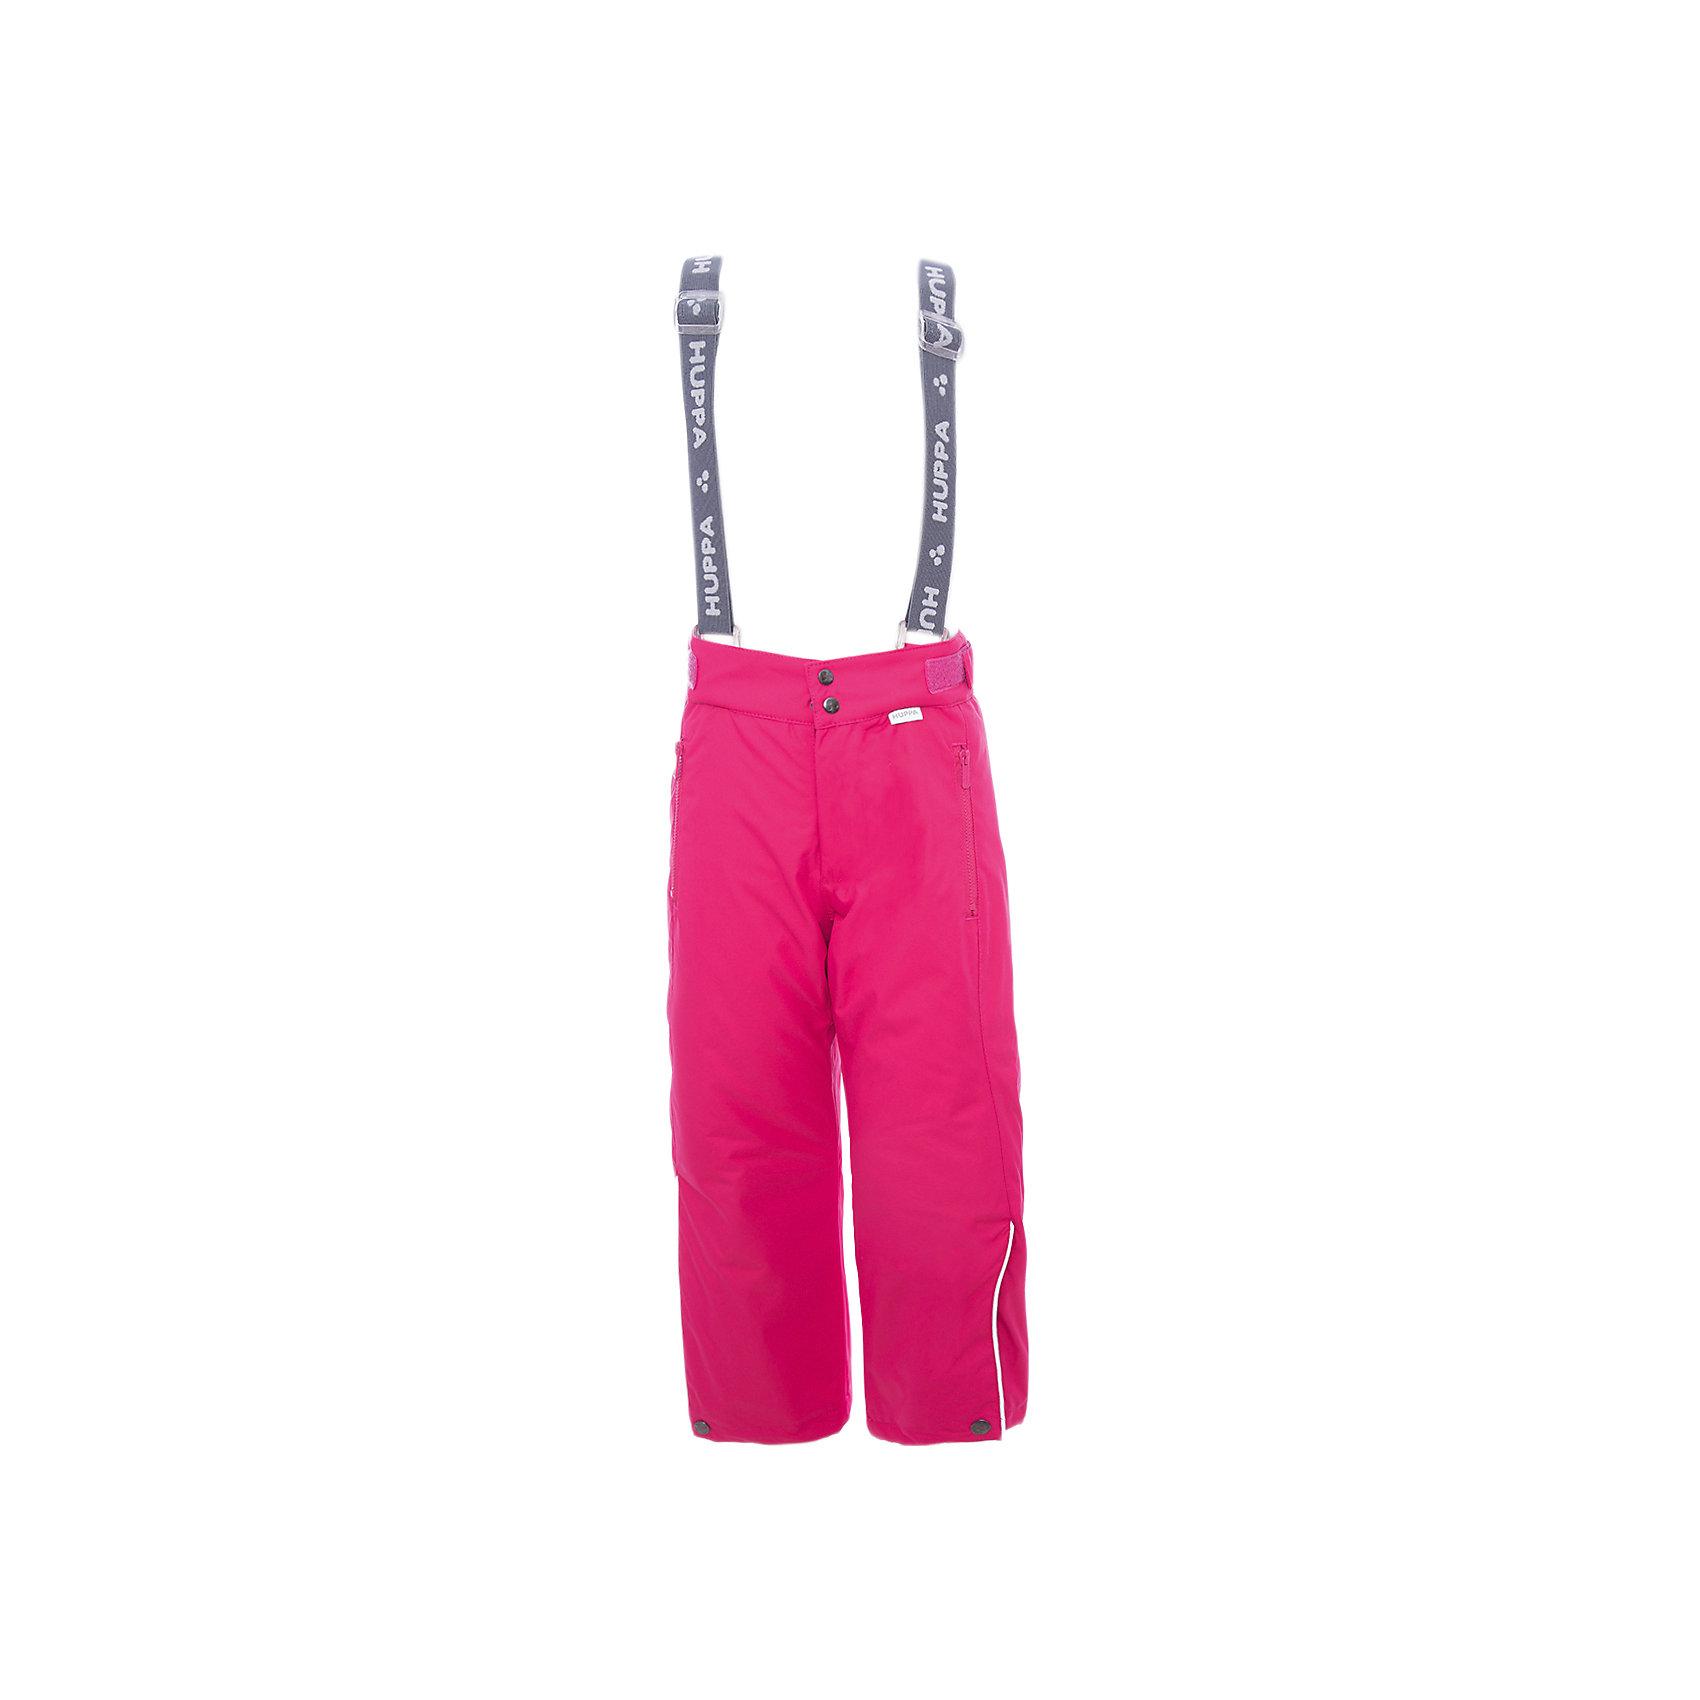 Брюки GENNA 1 Huppa для девочкиВерхняя одежда<br>Характеристики товара:<br><br>• модель: Genna 1;<br>• цвет: фуксия;<br>• состав: 100% полиэстер;<br>• утеплитель: нового поколенияHuppaTherm, 120 гр.;<br>• подкладка: полиэстер,тафта,pritex;<br>• сезон: зима;<br>• температурный режим: от - 5 до - 30С;<br>• водонепроницаемость: 10000 мм;<br>• воздухопроницаемость: 10000 г/м2/24ч;<br>• влагоустойчивая и дышащая ткань верхнего слоя изделияпозволяет сохранить внутри собственное тепло ребенка и препятствует попаданию извне холодного воздуха;<br>• эластичные подтяжки регулируются по длине; <br>• регулируемый пояс; <br>• карманы застегиваются на молнию;<br>• шаговый шов,внутренние и боковые швы проклеены, для дополнительной защиты от протекания;<br>• внутри дополнительная штанина на резинке, предотвращает попадание снега внутрь;<br>• низ брюк затягивается на шнурок с фиксатором;<br>• светоотражающие элементы для безопасности ребенка;<br>• страна бренда: Финляндия;<br>• страна изготовитель: Эстония.<br><br><br>Зимние брюки Genna 1 для девочки бренда HUPPA - это отличный вариант для холодной зимы.<br><br>Утеплитель HuppaTherm - высокотехнологичный легкий синтетический утеплитель нового поколения. Сохраняет объем и высокую теплоизоляцию изделия. Легко стирается и быстро сохнет. Изделия HuppaTherm легкие по весу, комфортные и теплые.<br><br>Функциональные элементы:  эластичные подтяжки регулируются по длине, регулируемый пояс, карманы застегиваются на молнию, шаговый шов,внутренние и боковые швы проклеены, для дополнительной защиты от протекания,внутри дополнительная штанина на резинке, предотвращает попадание снега внутрь, низ брюк затягивается на шнурок с фиксатором, светоотражающие элементы.<br><br>Зимние брюки Genna 1 для девочки бренда HUPPA  можно купить в нашем интернет-магазине.<br><br>Ширина мм: 215<br>Глубина мм: 88<br>Высота мм: 191<br>Вес г: 336<br>Цвет: фуксия<br>Возраст от месяцев: 168<br>Возраст до месяцев: 180<br>Пол: Женский<br>Возраст: Детский<br>Размер: 170,10